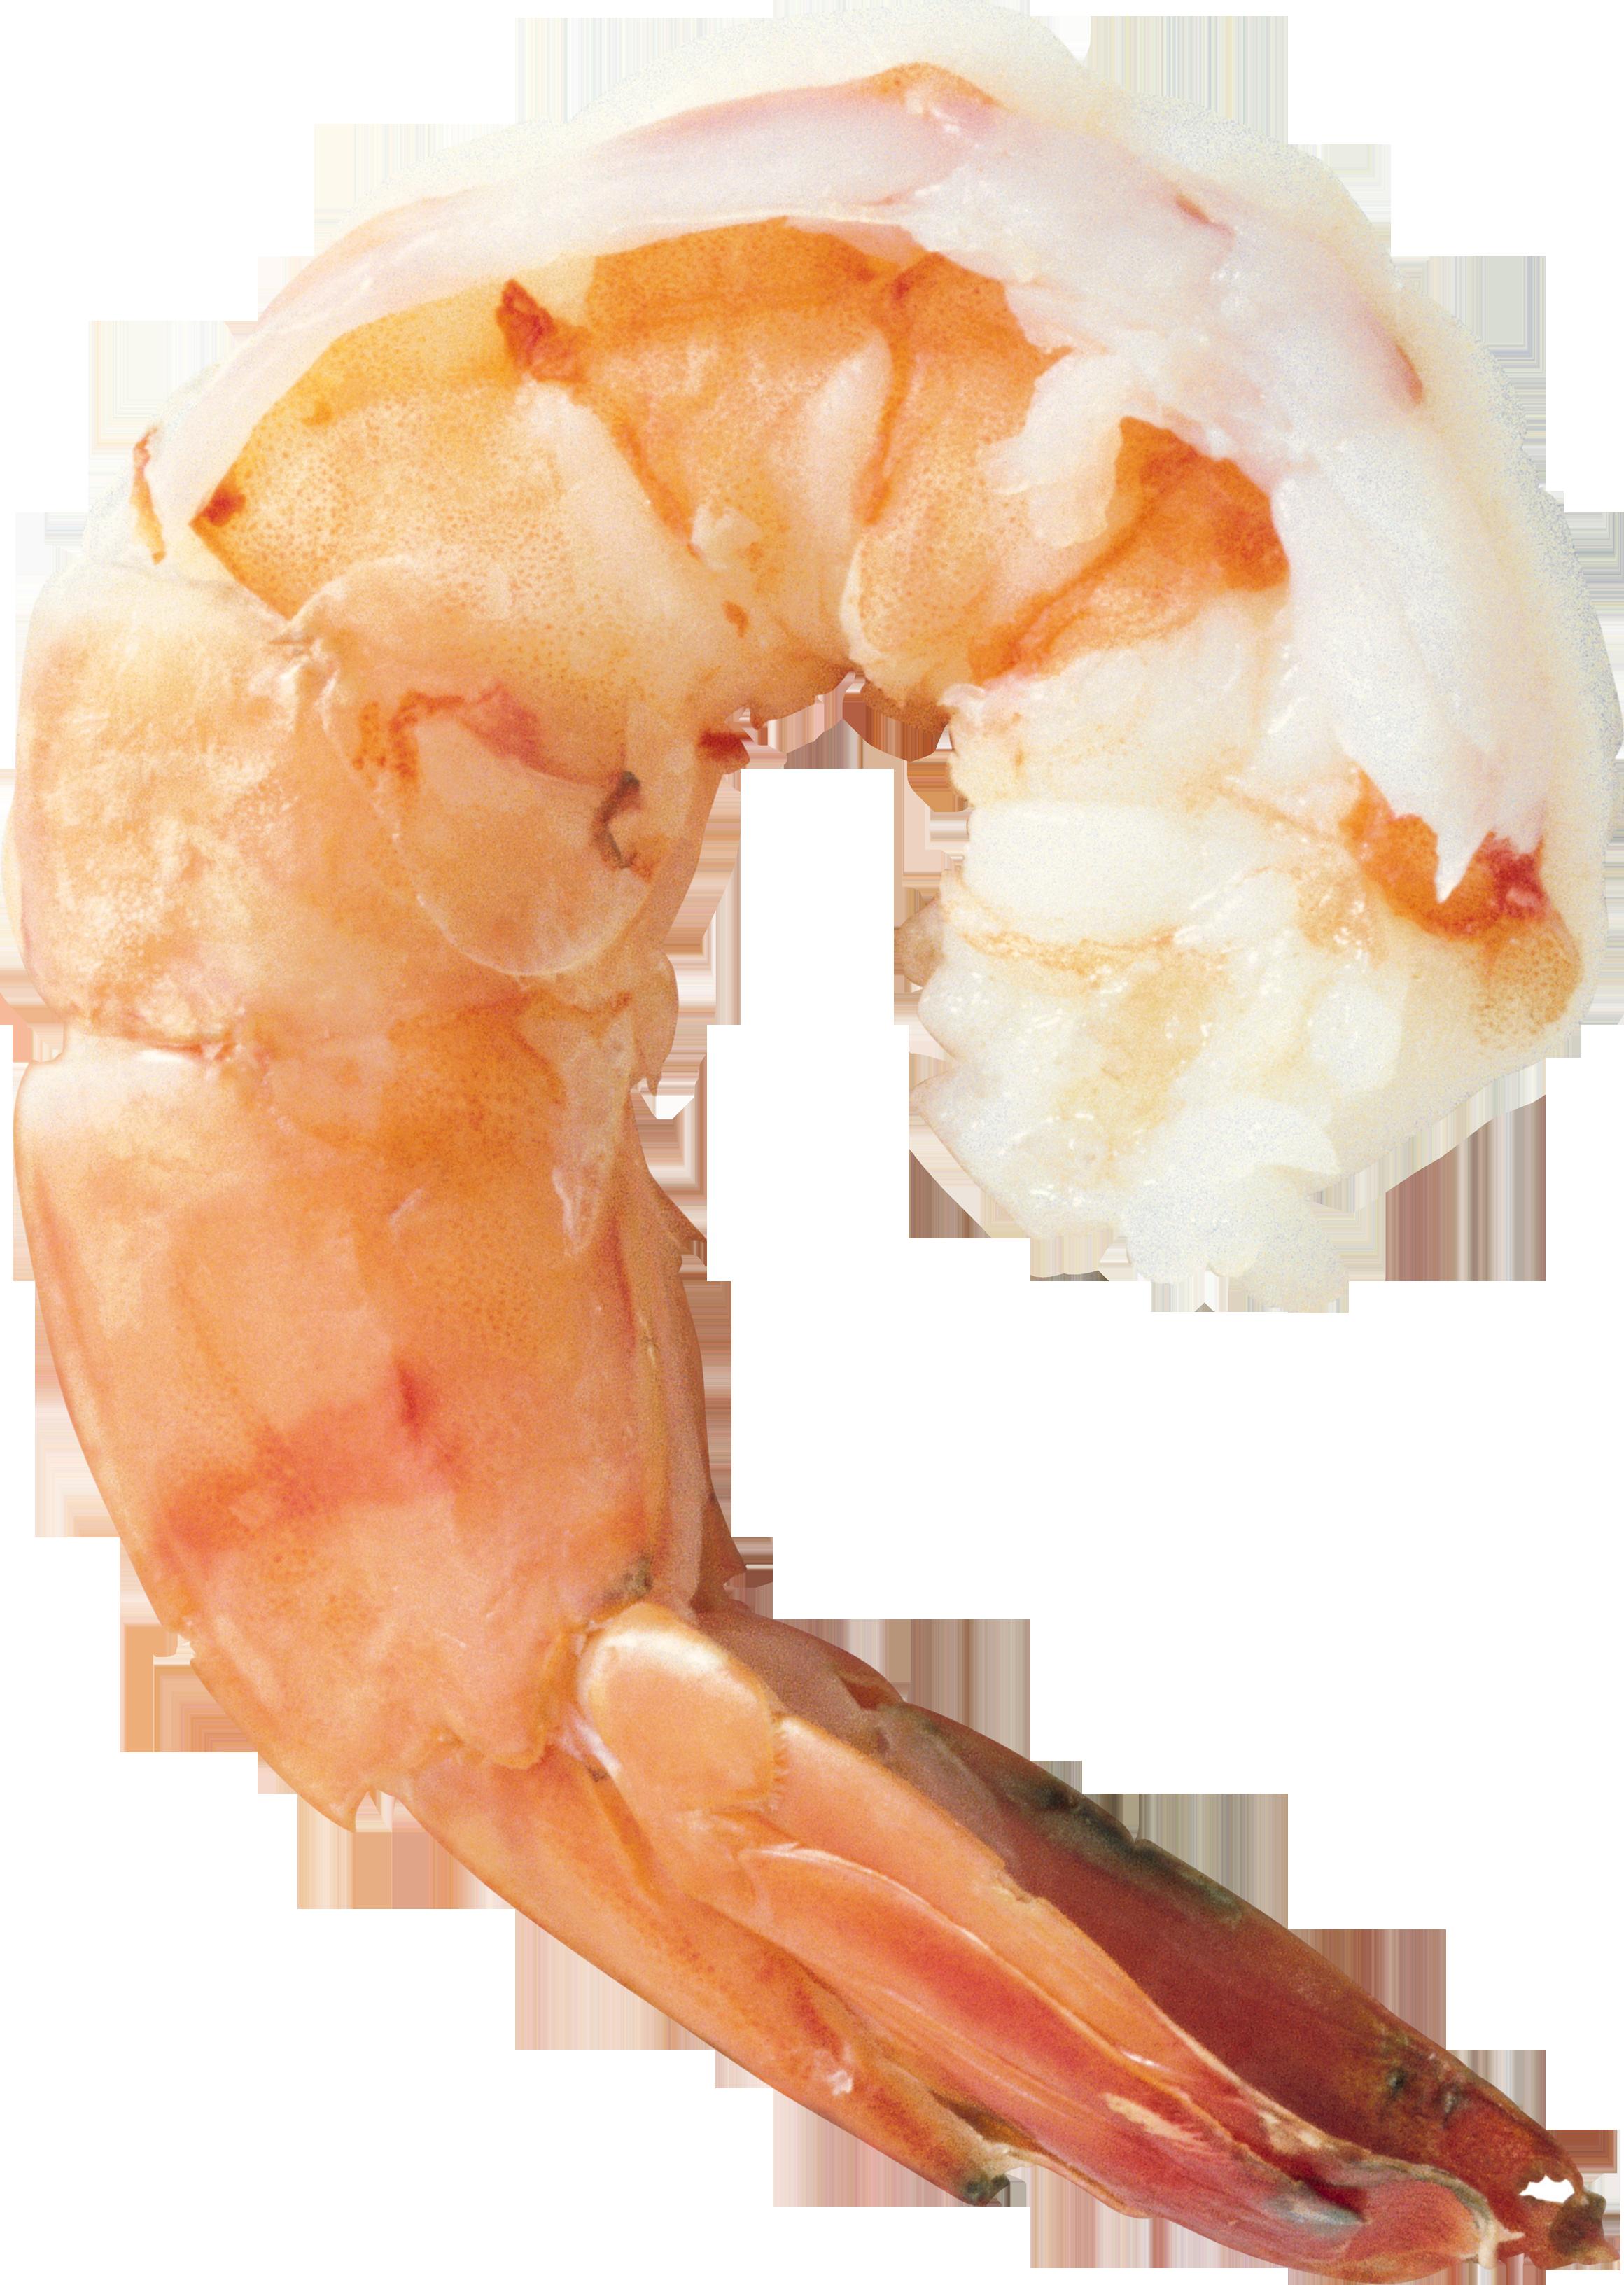 PNG Shrimp - 84512